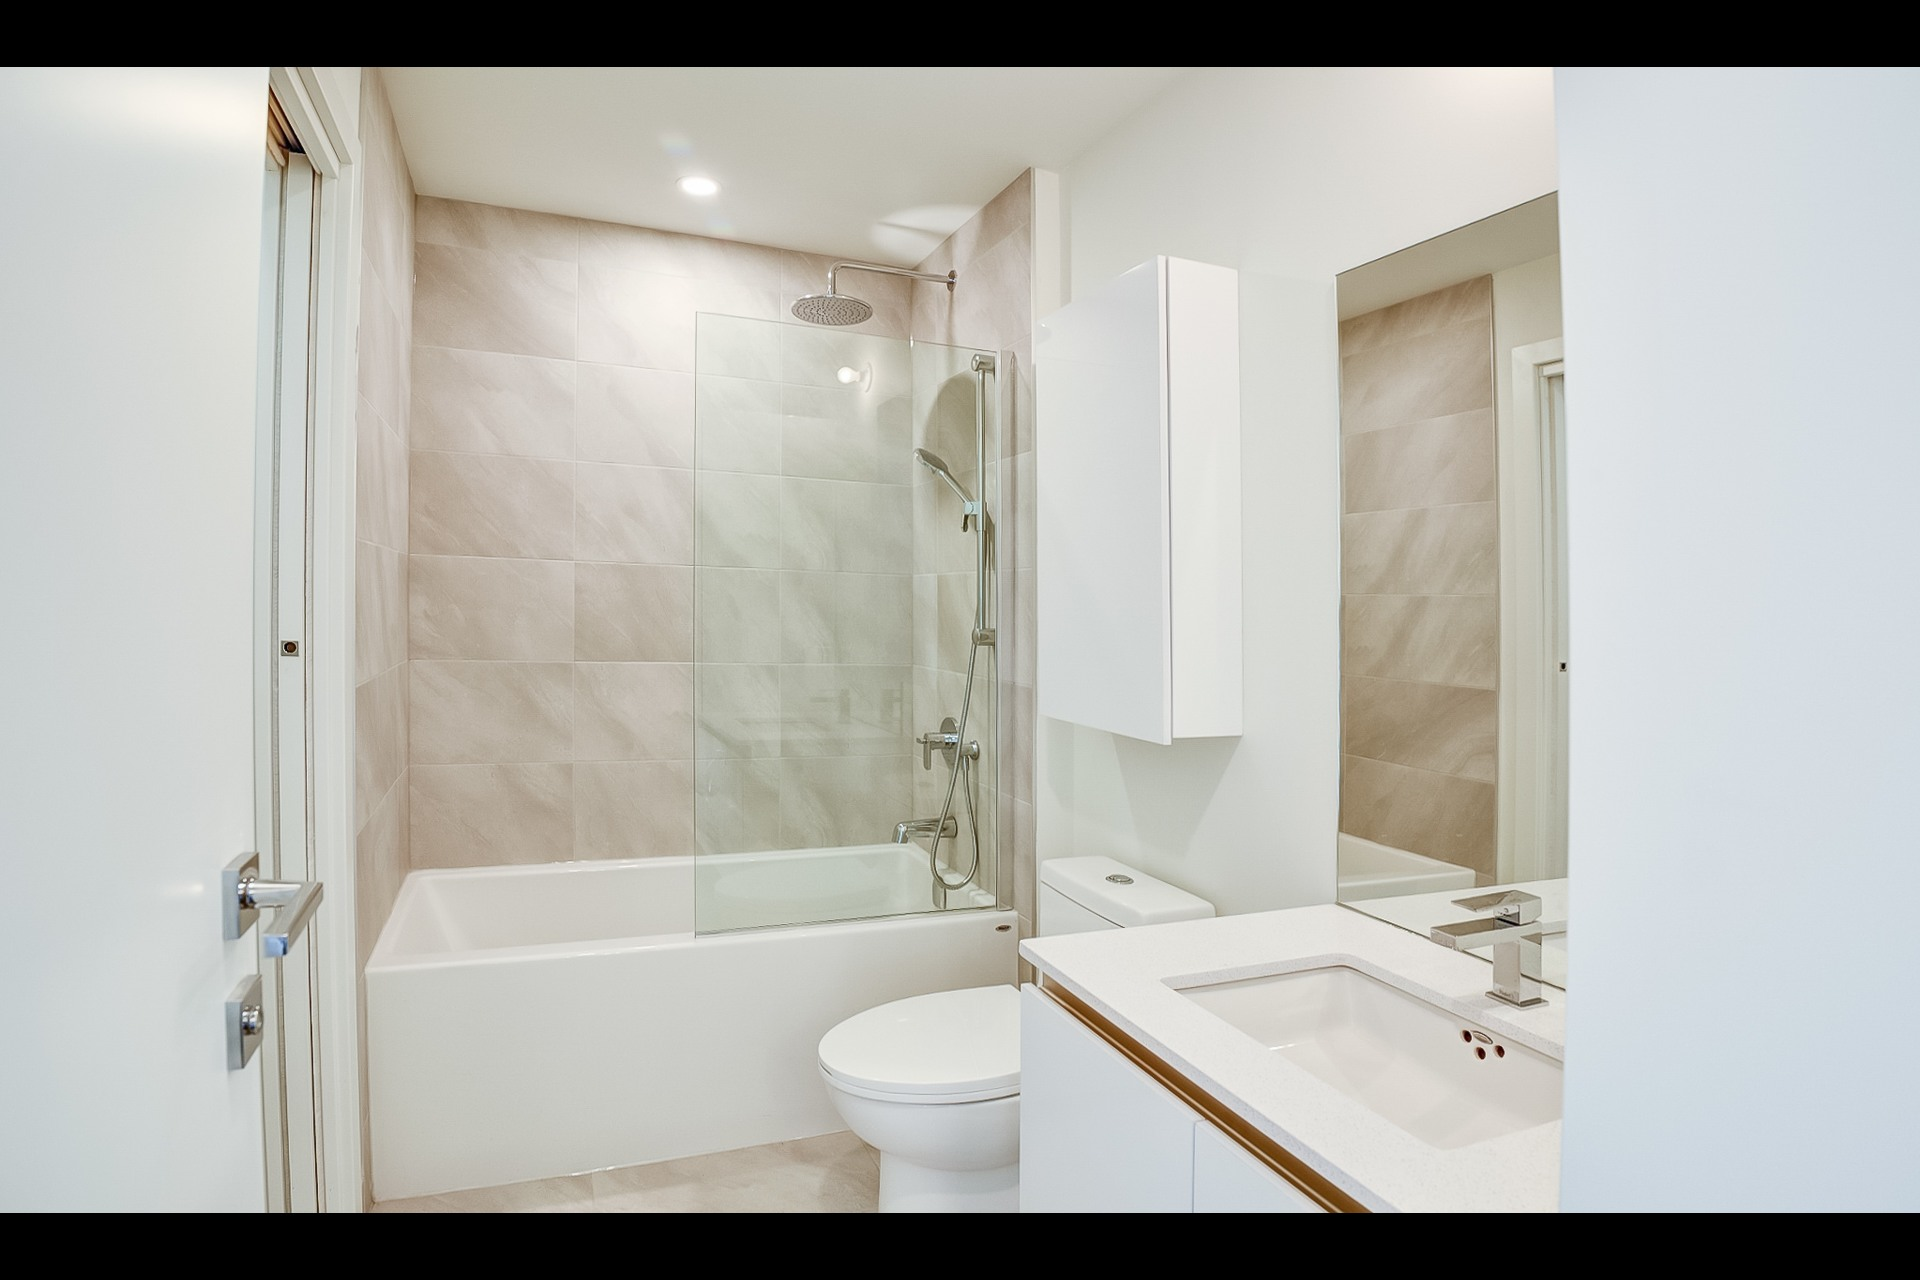 image 1 - MX - Condominio vertical - MX Para alquiler Montréal - 4 habitaciones